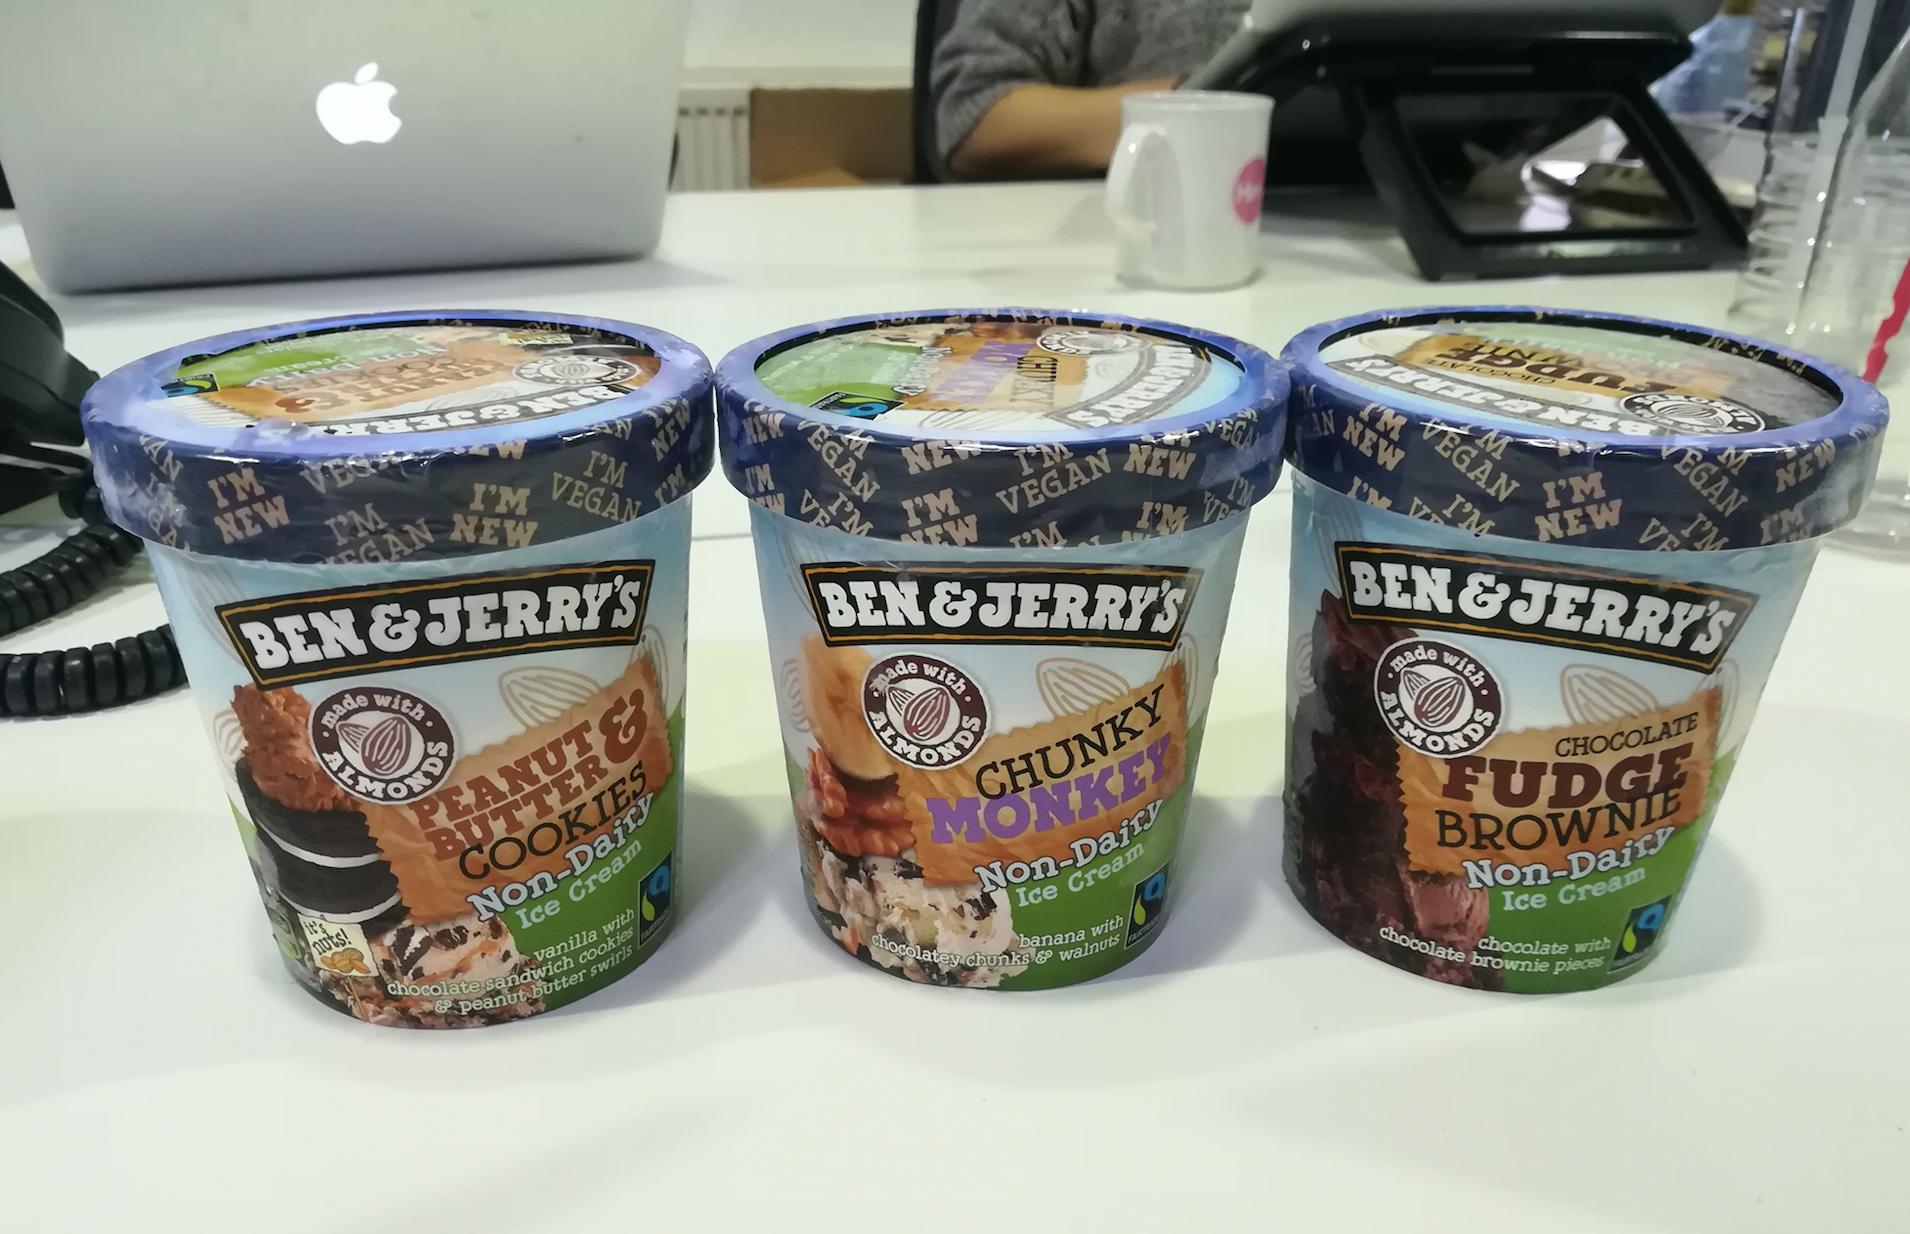 We tried the new Ben \u0026 Jerry\u0027s vegan ice creams | Her.ie